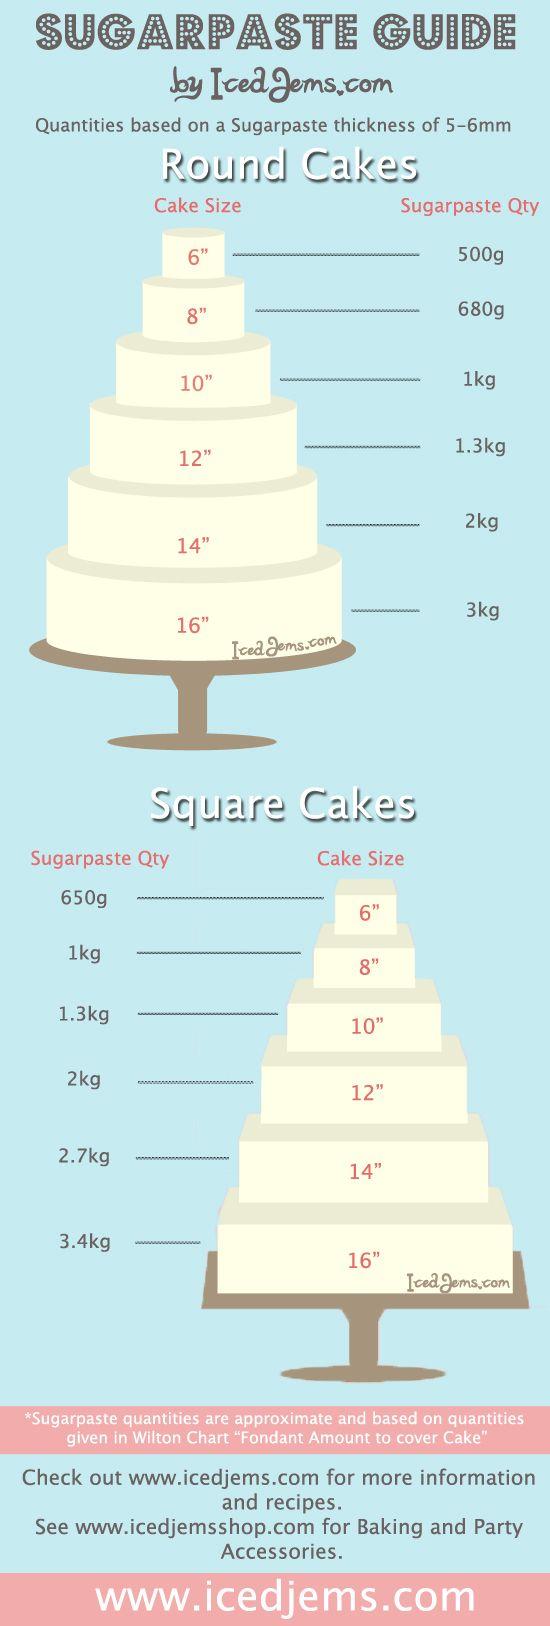 Cuánto Fondant necesitas para cubrir una tarta según su tamaño